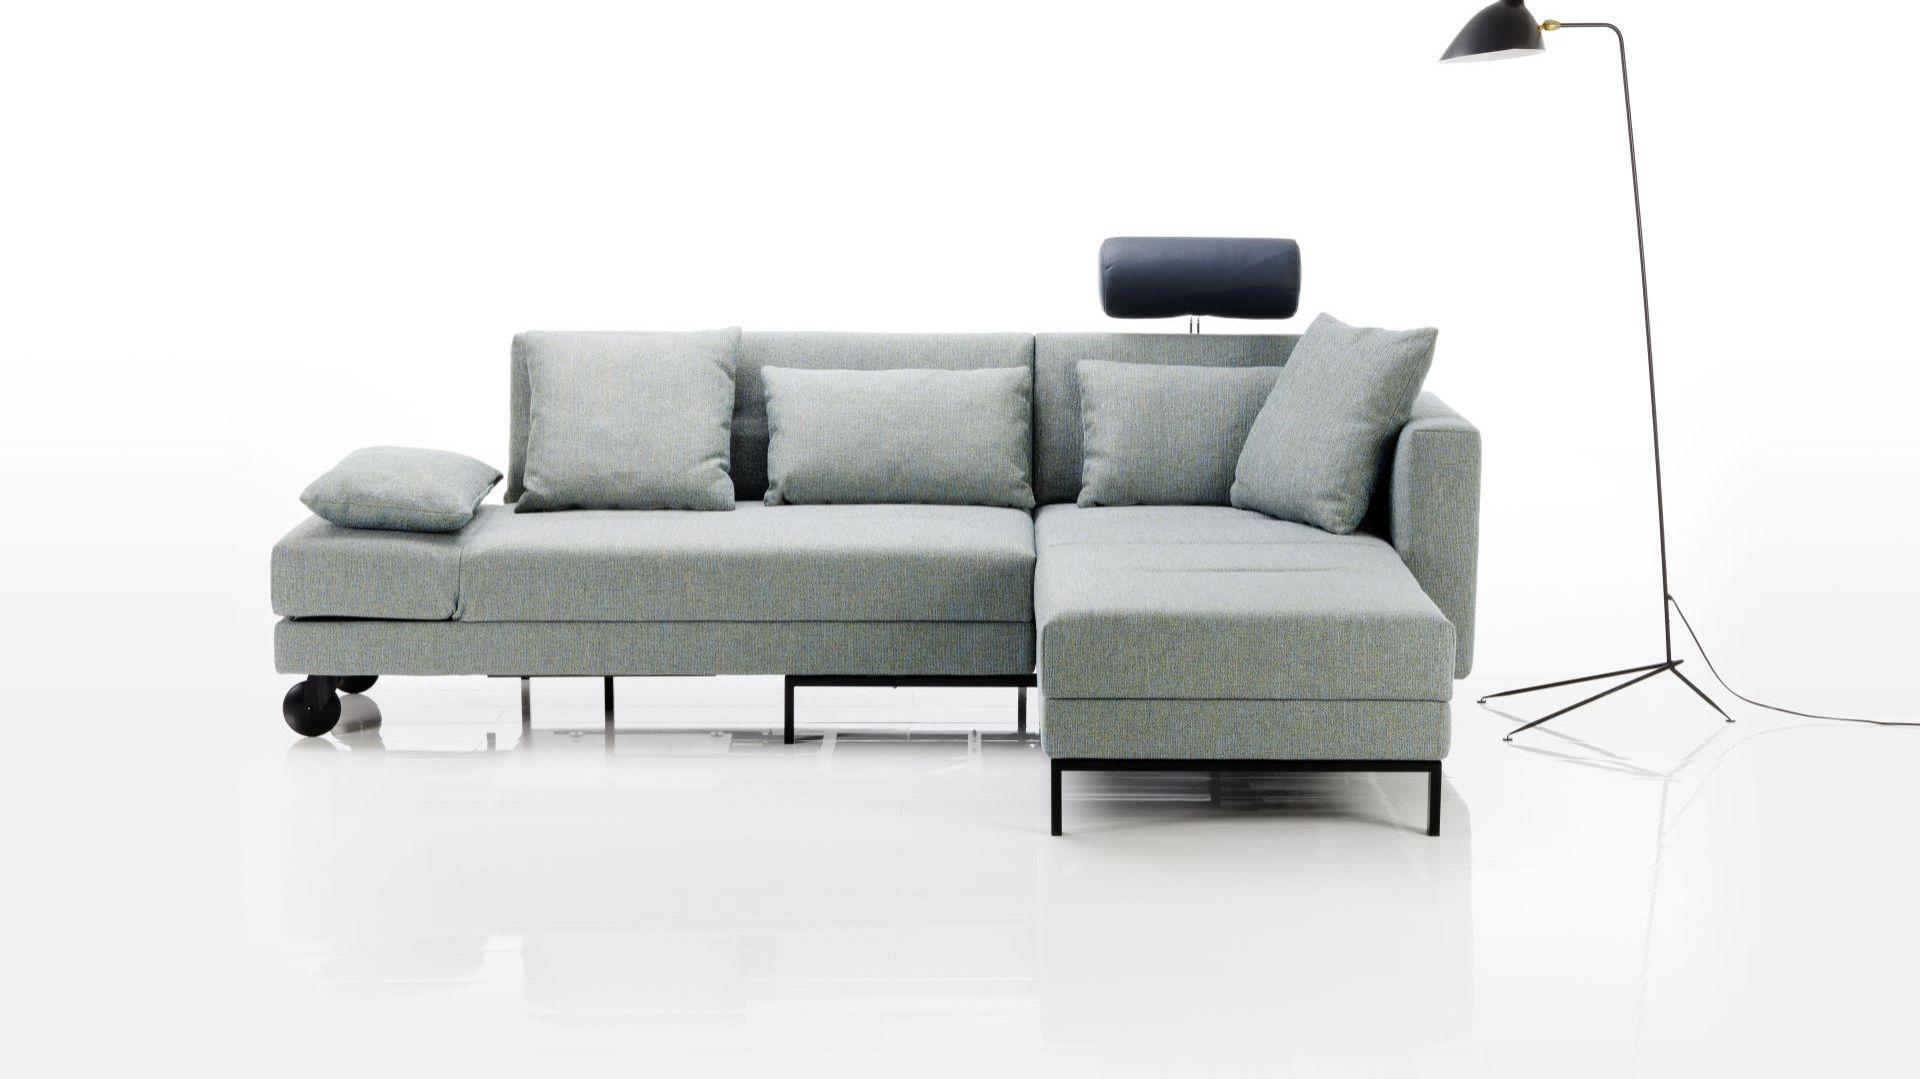 Sofa z funkcją spania: piękny nowy model do małego salonu